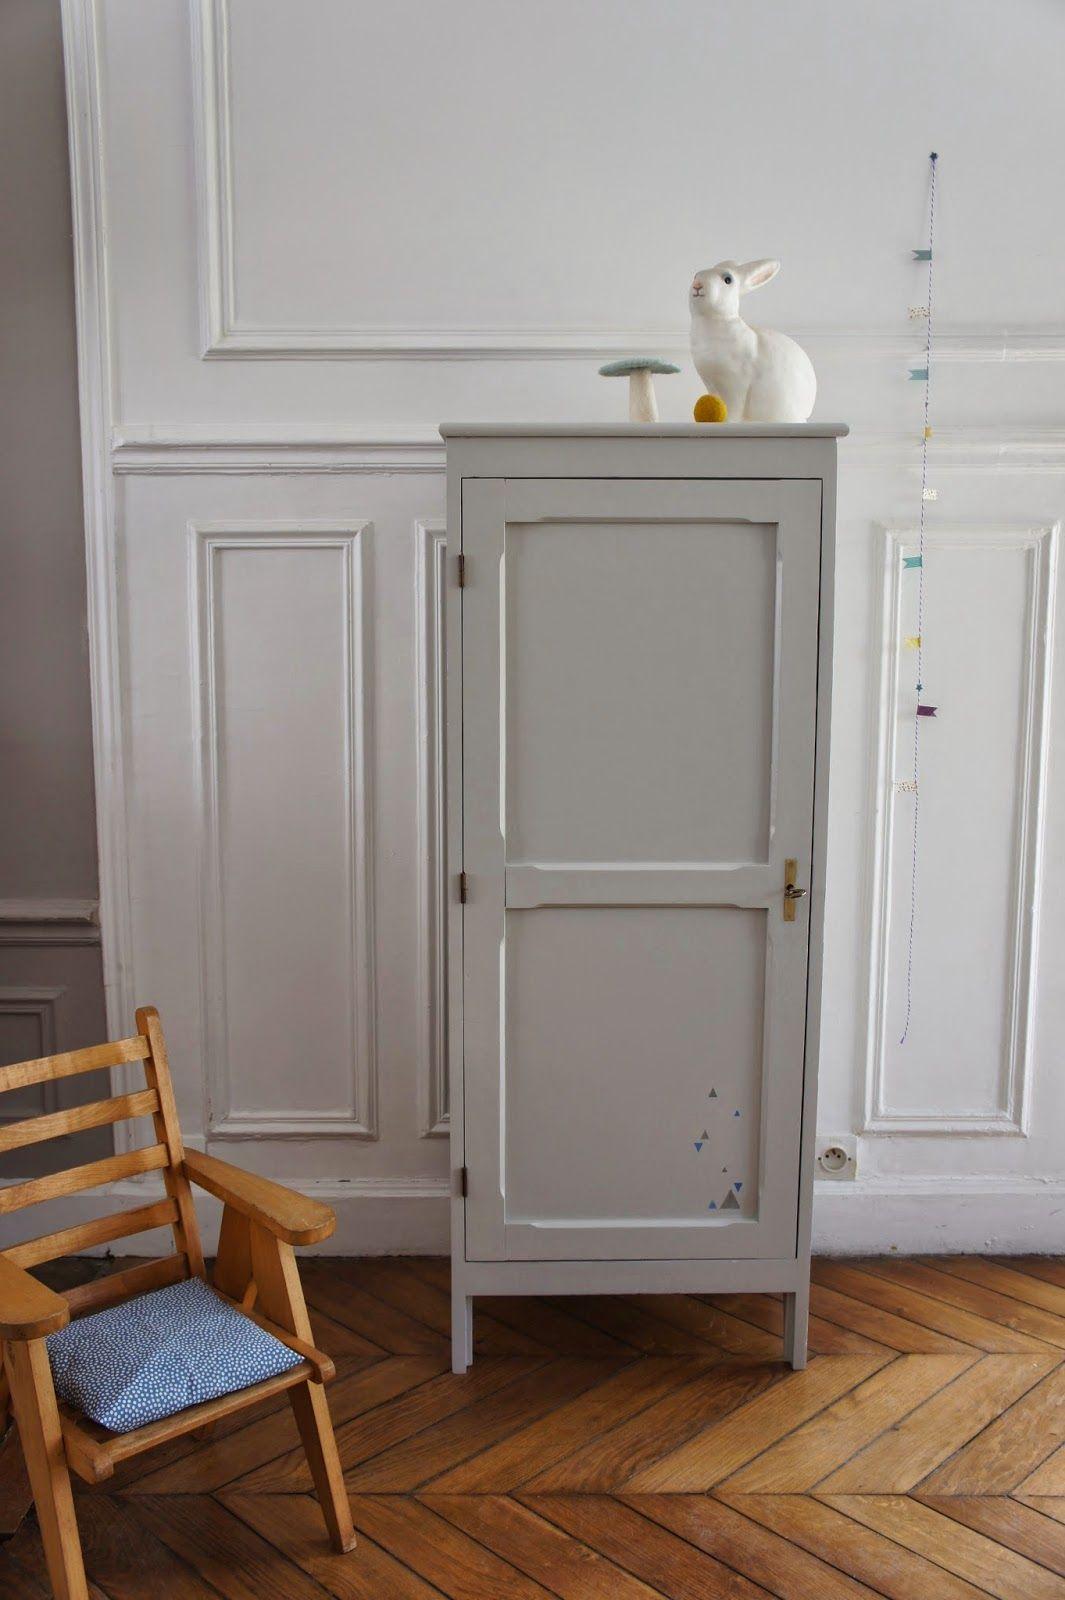 l 39 armoire parisienne de timoth e atelier petit toit mobilier et objets vintage pour enfants. Black Bedroom Furniture Sets. Home Design Ideas